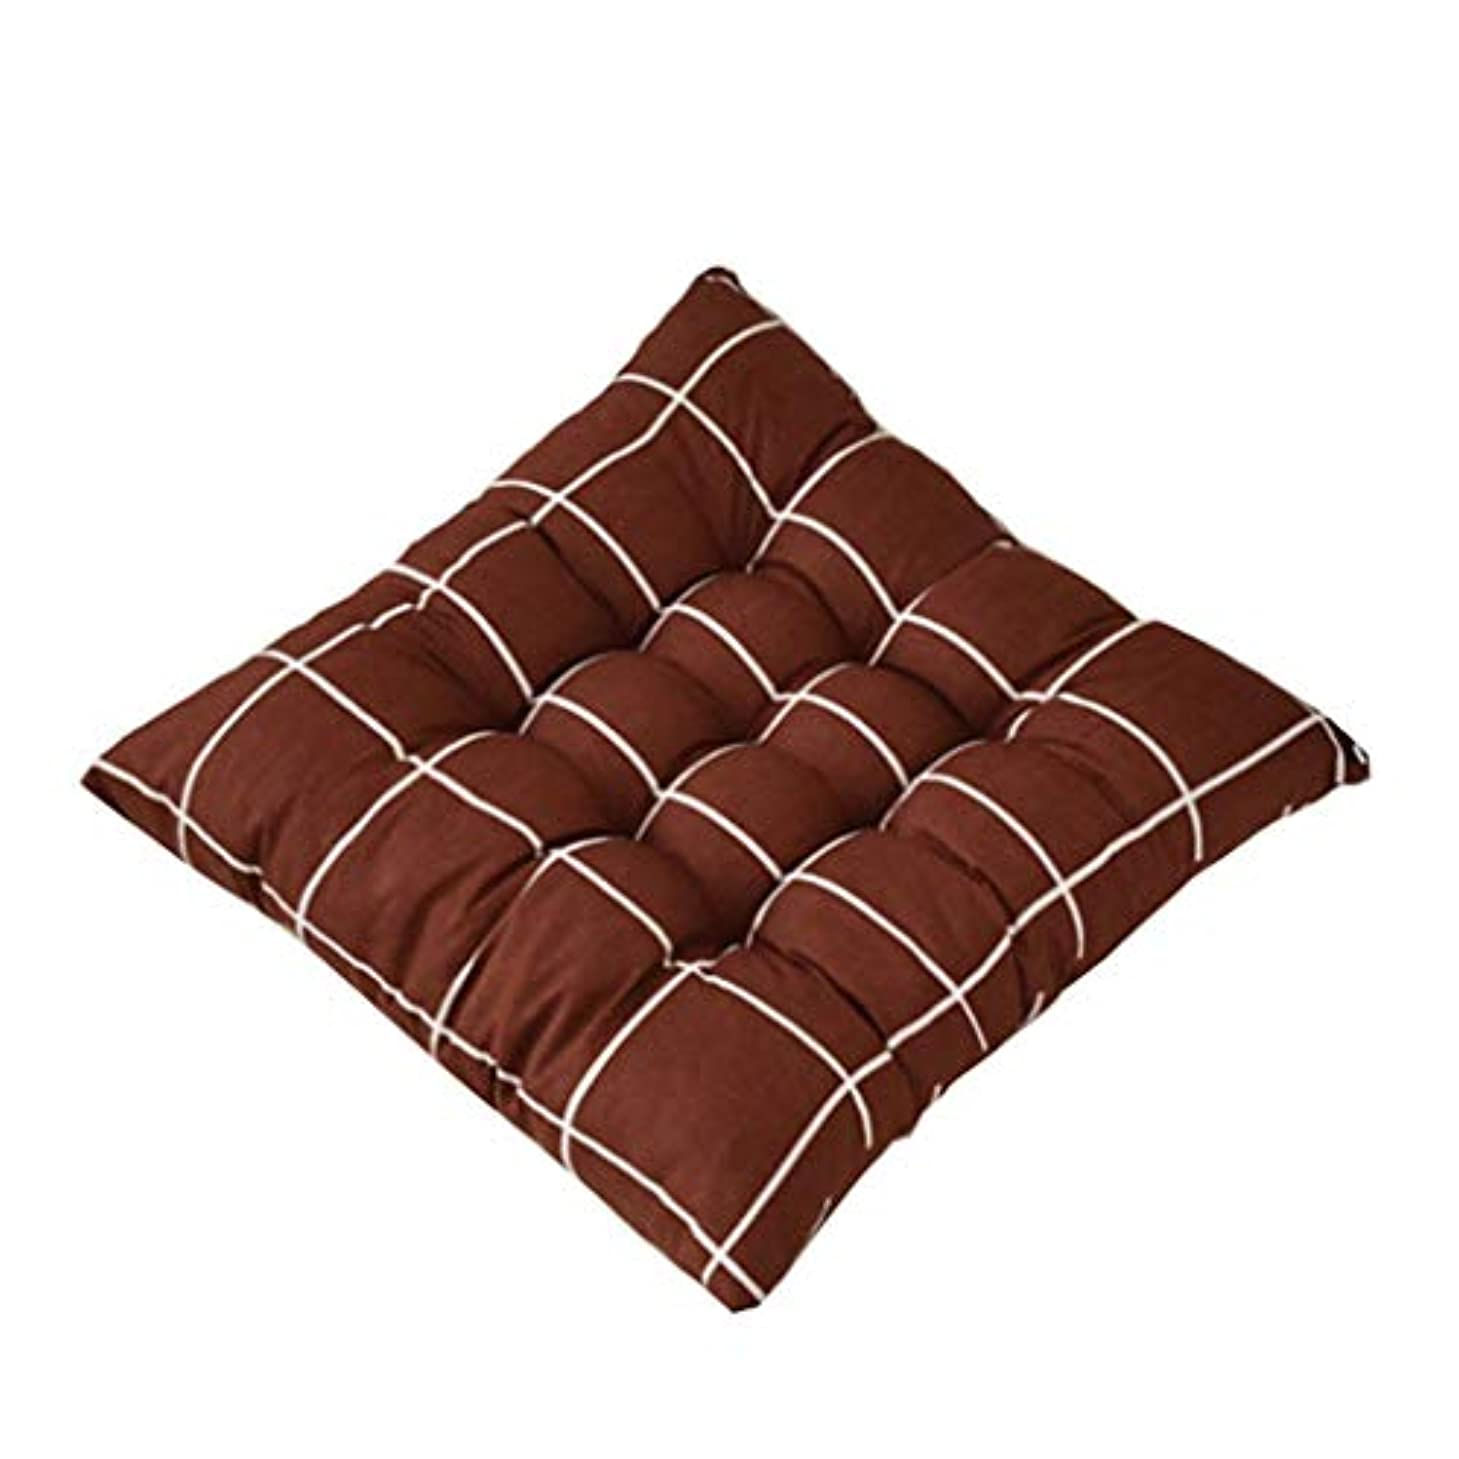 契約雑多な時LIFE 正方形の椅子パッド厚いシートクッションダイニングパティオホームオフィス屋内屋外ガーデンソファ臀部クッション 40 × 40 センチメートル クッション 椅子